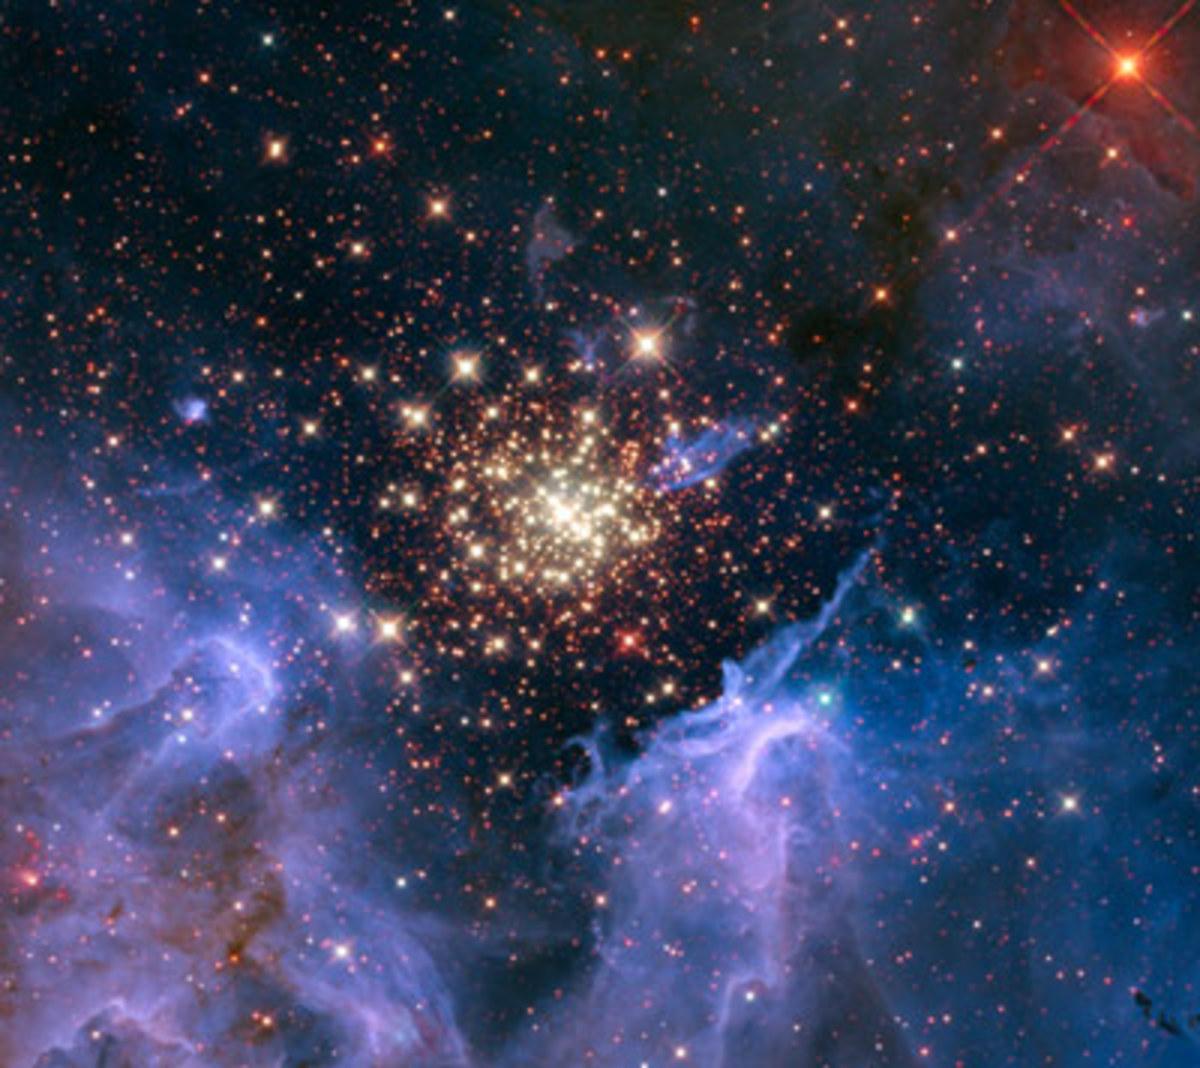 A star cluster in the Carina Nebula.